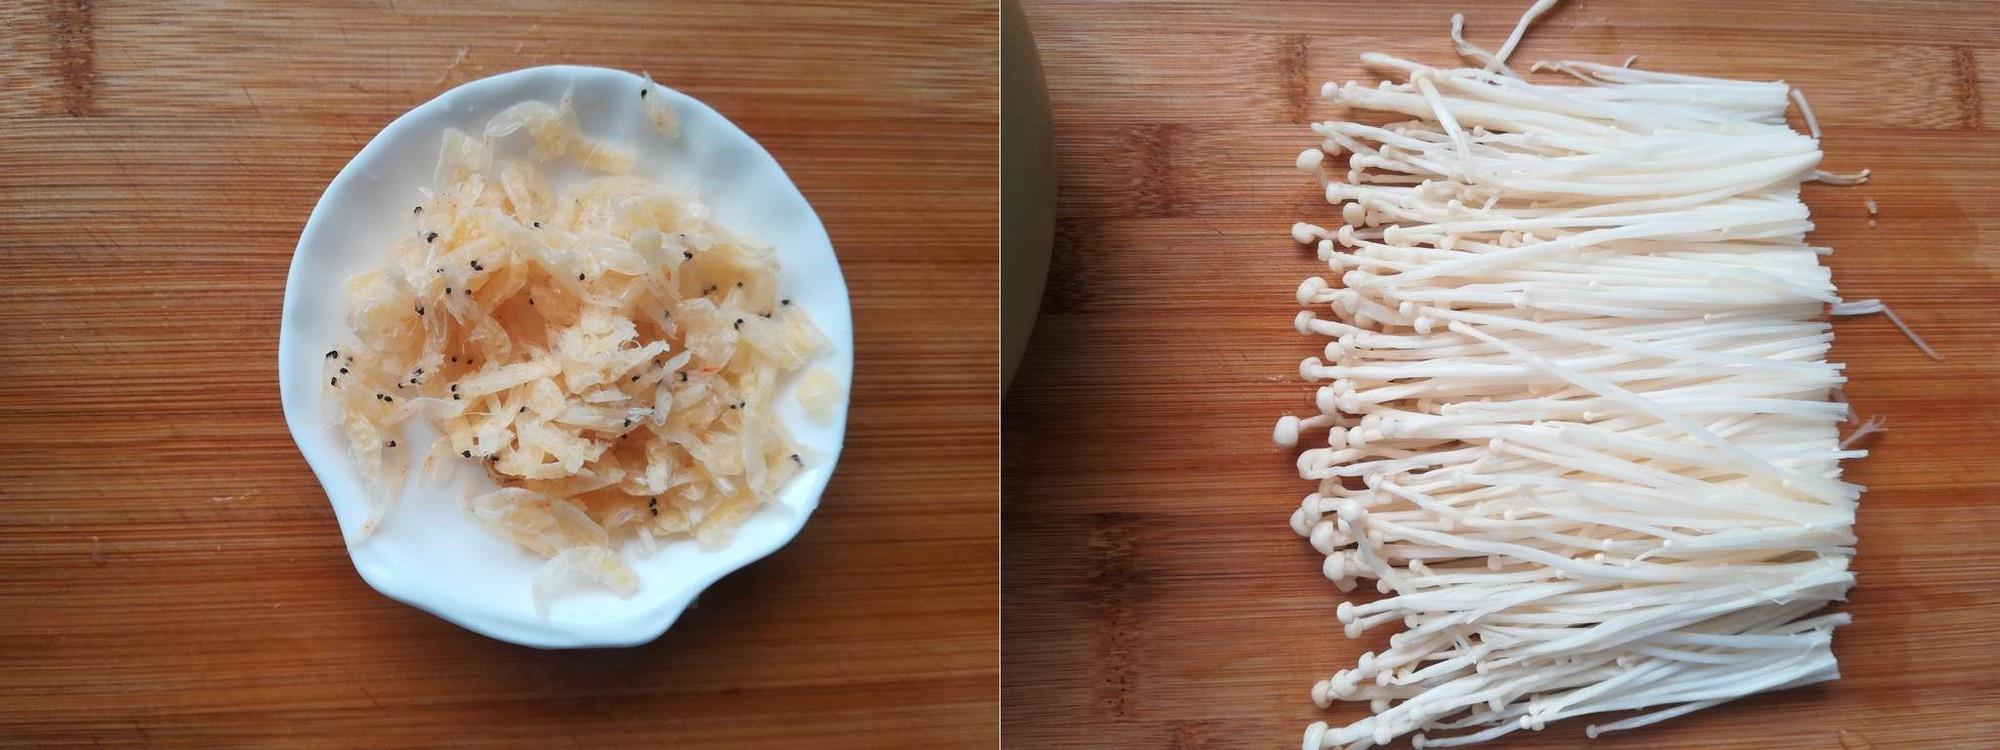 Ngọt lành thanh mát canh bí đao nấu nấm - Ảnh 2